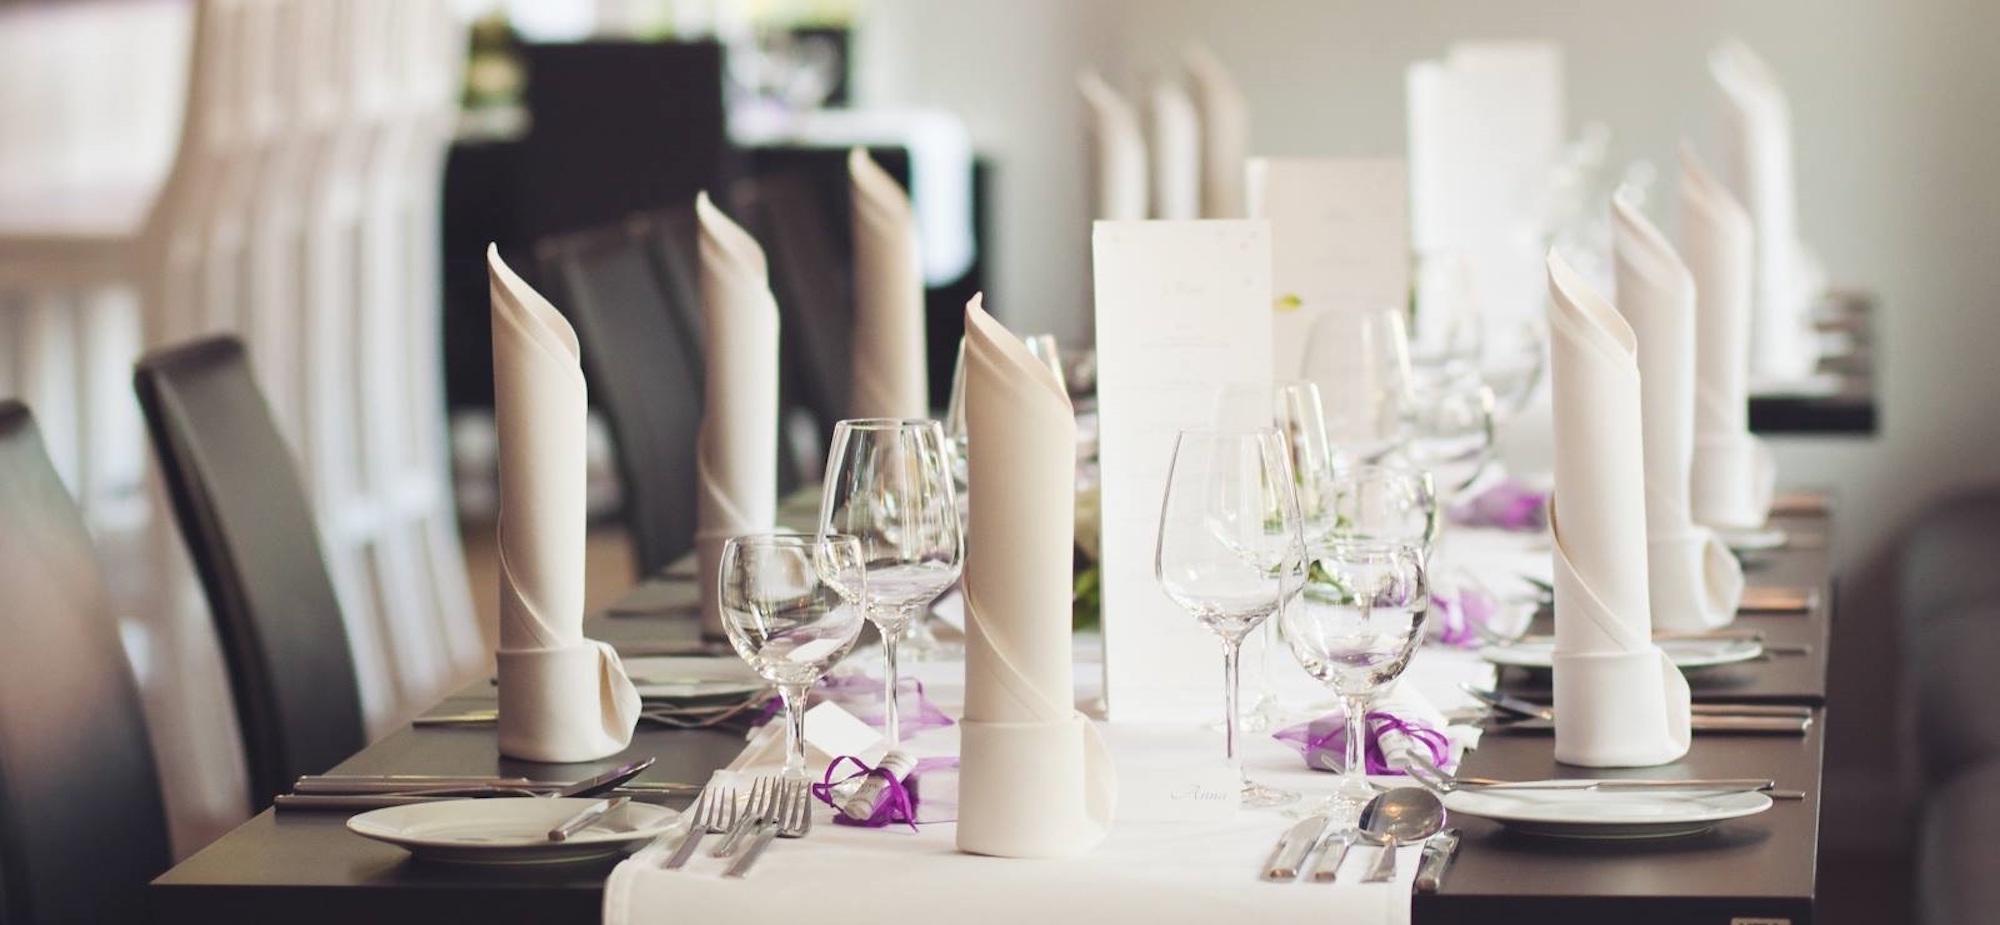 Das Essperiment | Bistro & Restaurant | Slider 1